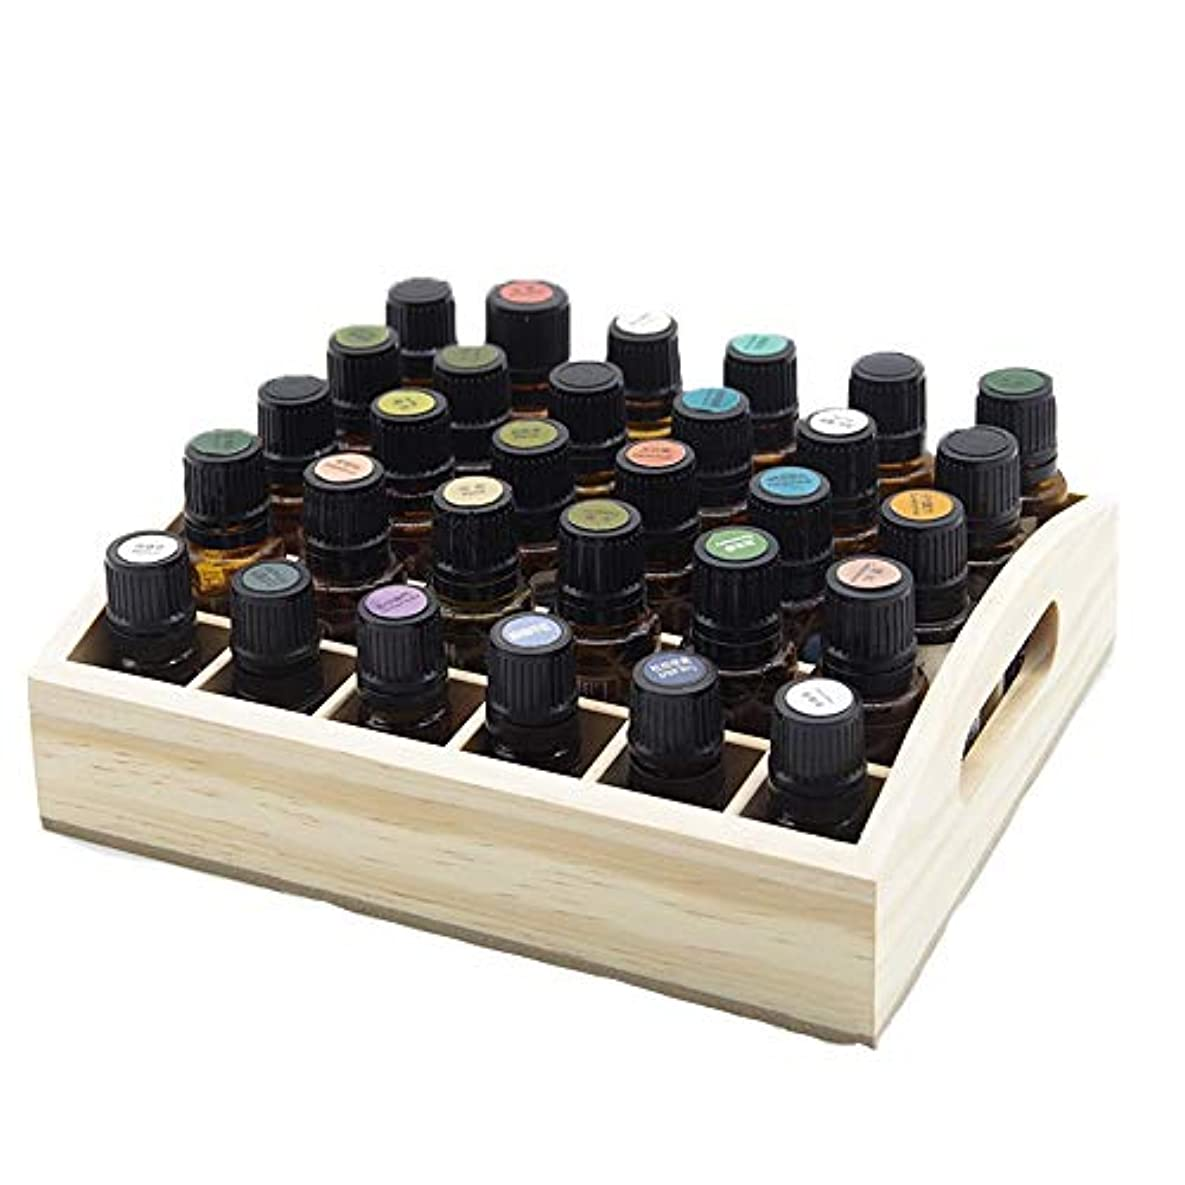 振るコンテスト独立してエッセンシャルオイルの保管 30スロット木製エッセンシャルオイルストレージホルダーは、30本のボトルを保持します (色 : Natural, サイズ : 21.5X18.3X3.5CM)